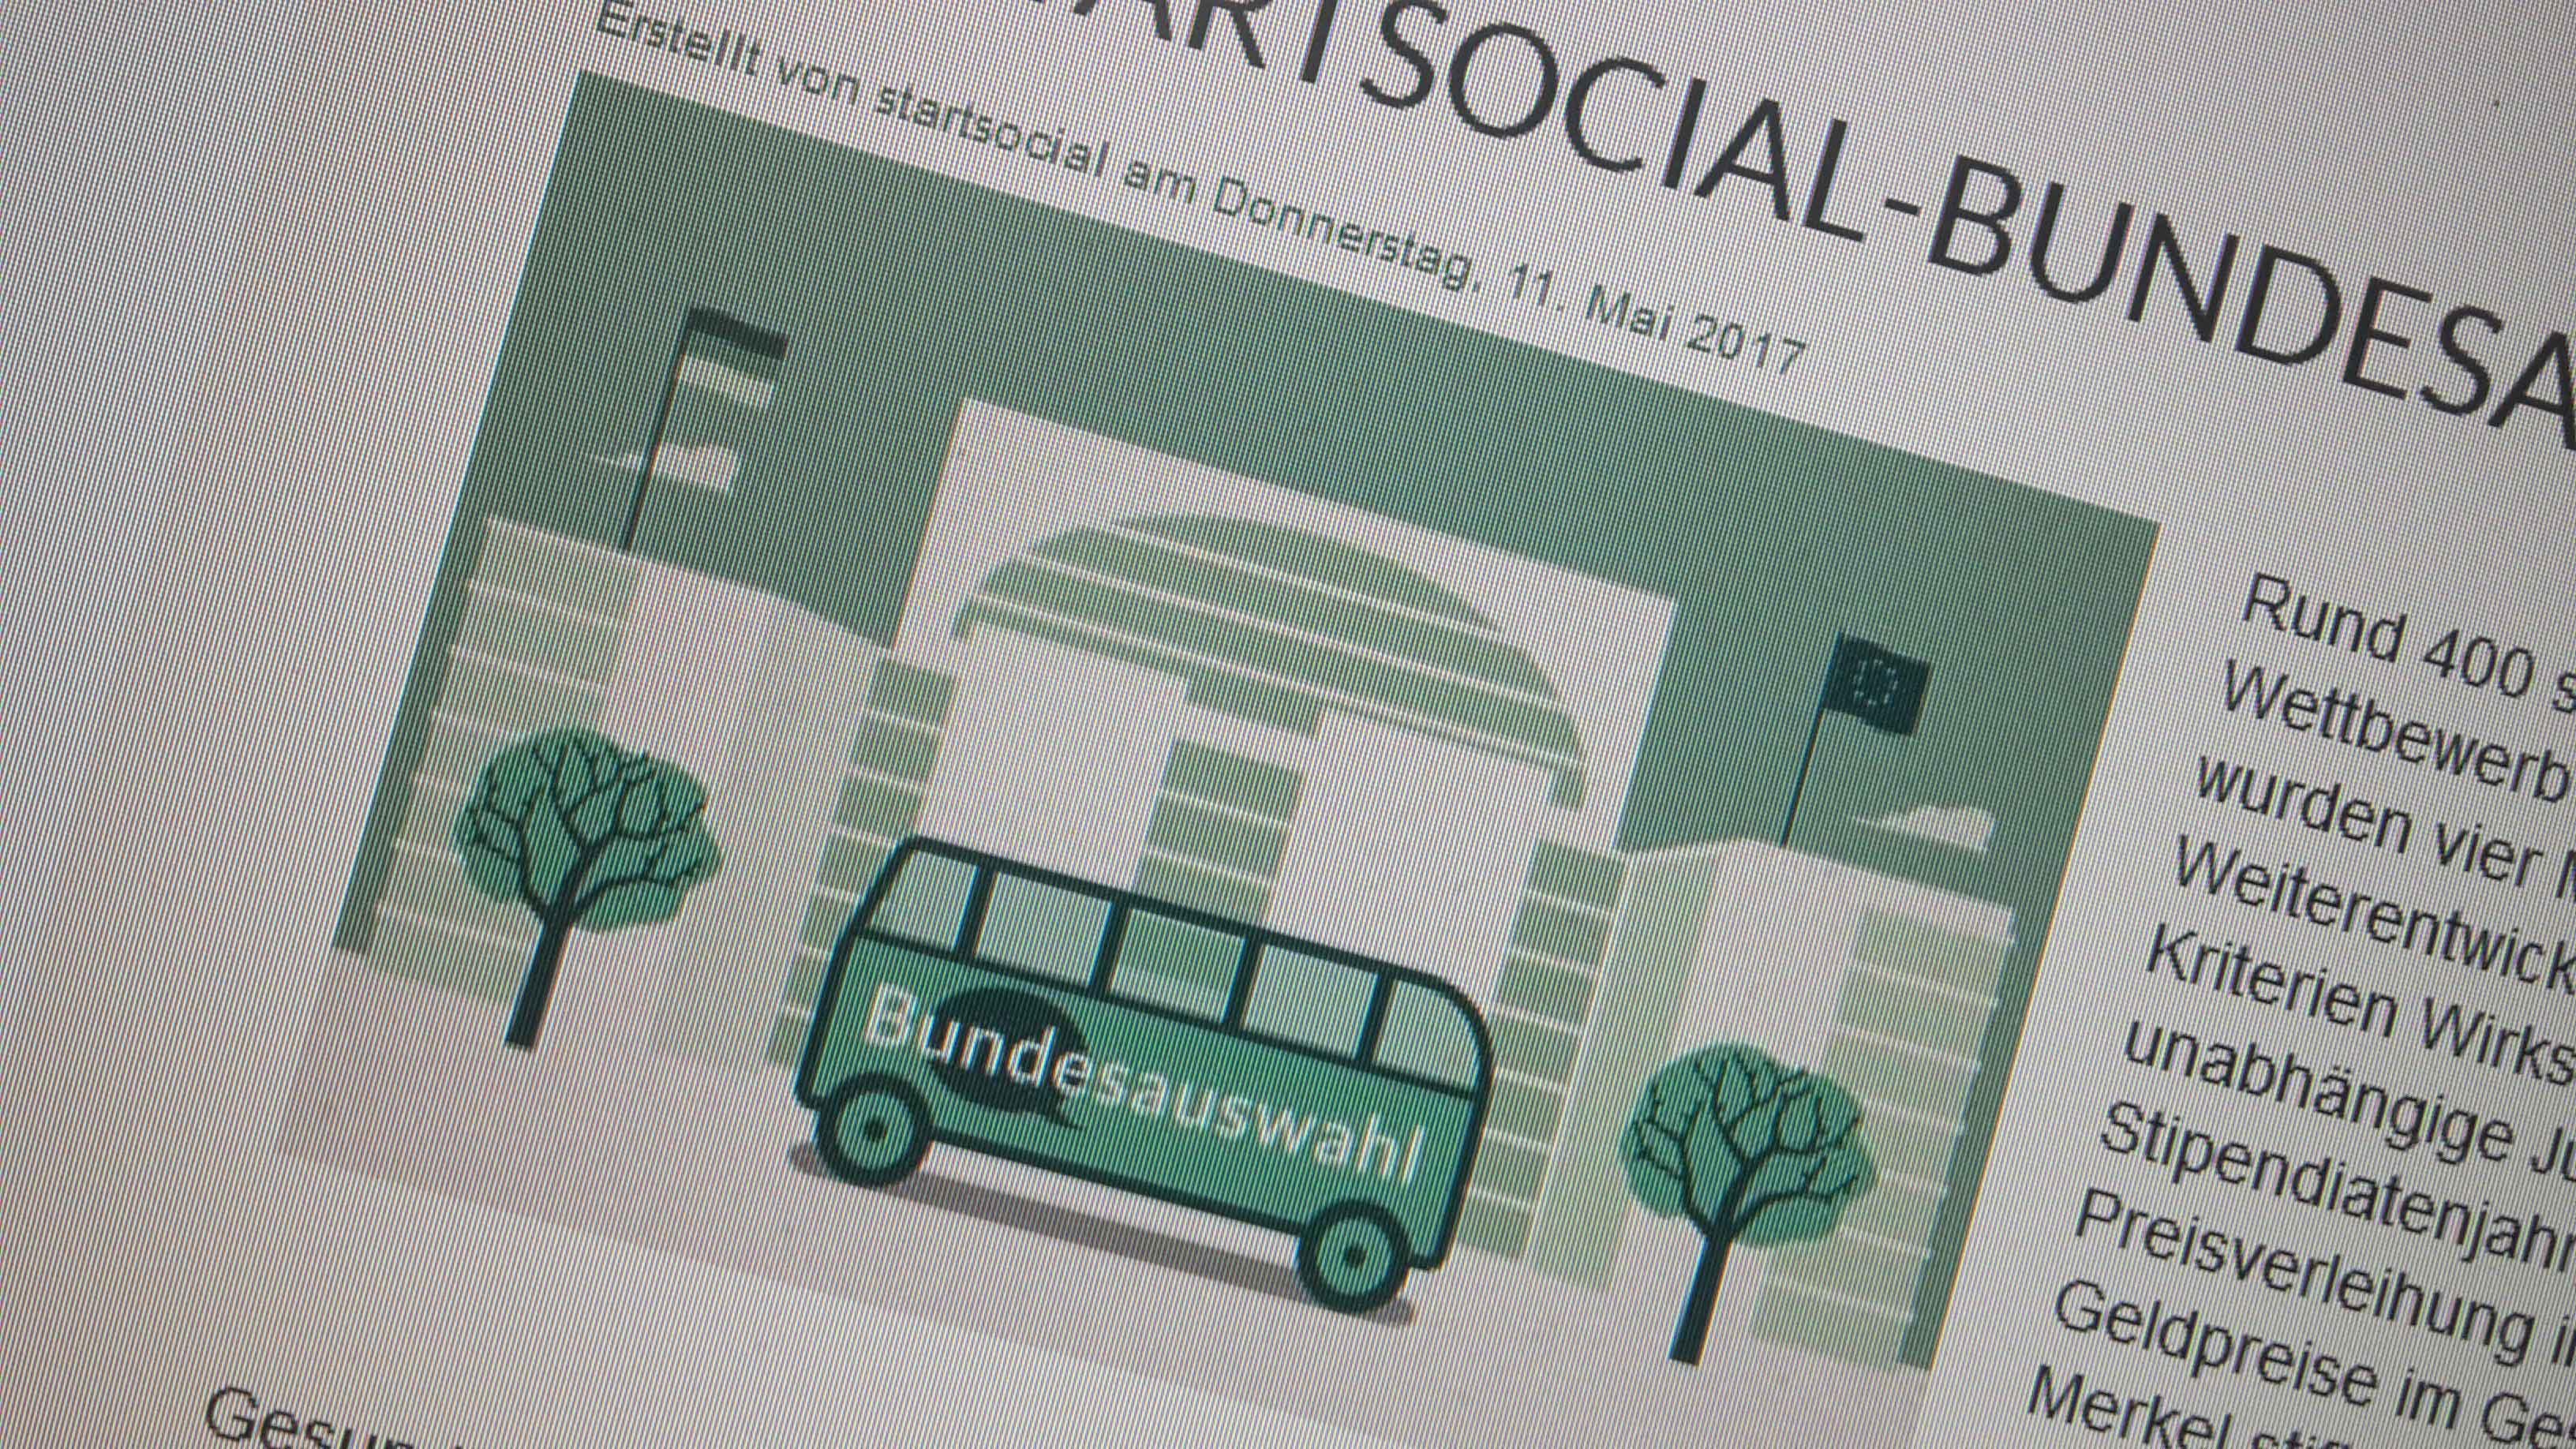 Start_Social_web